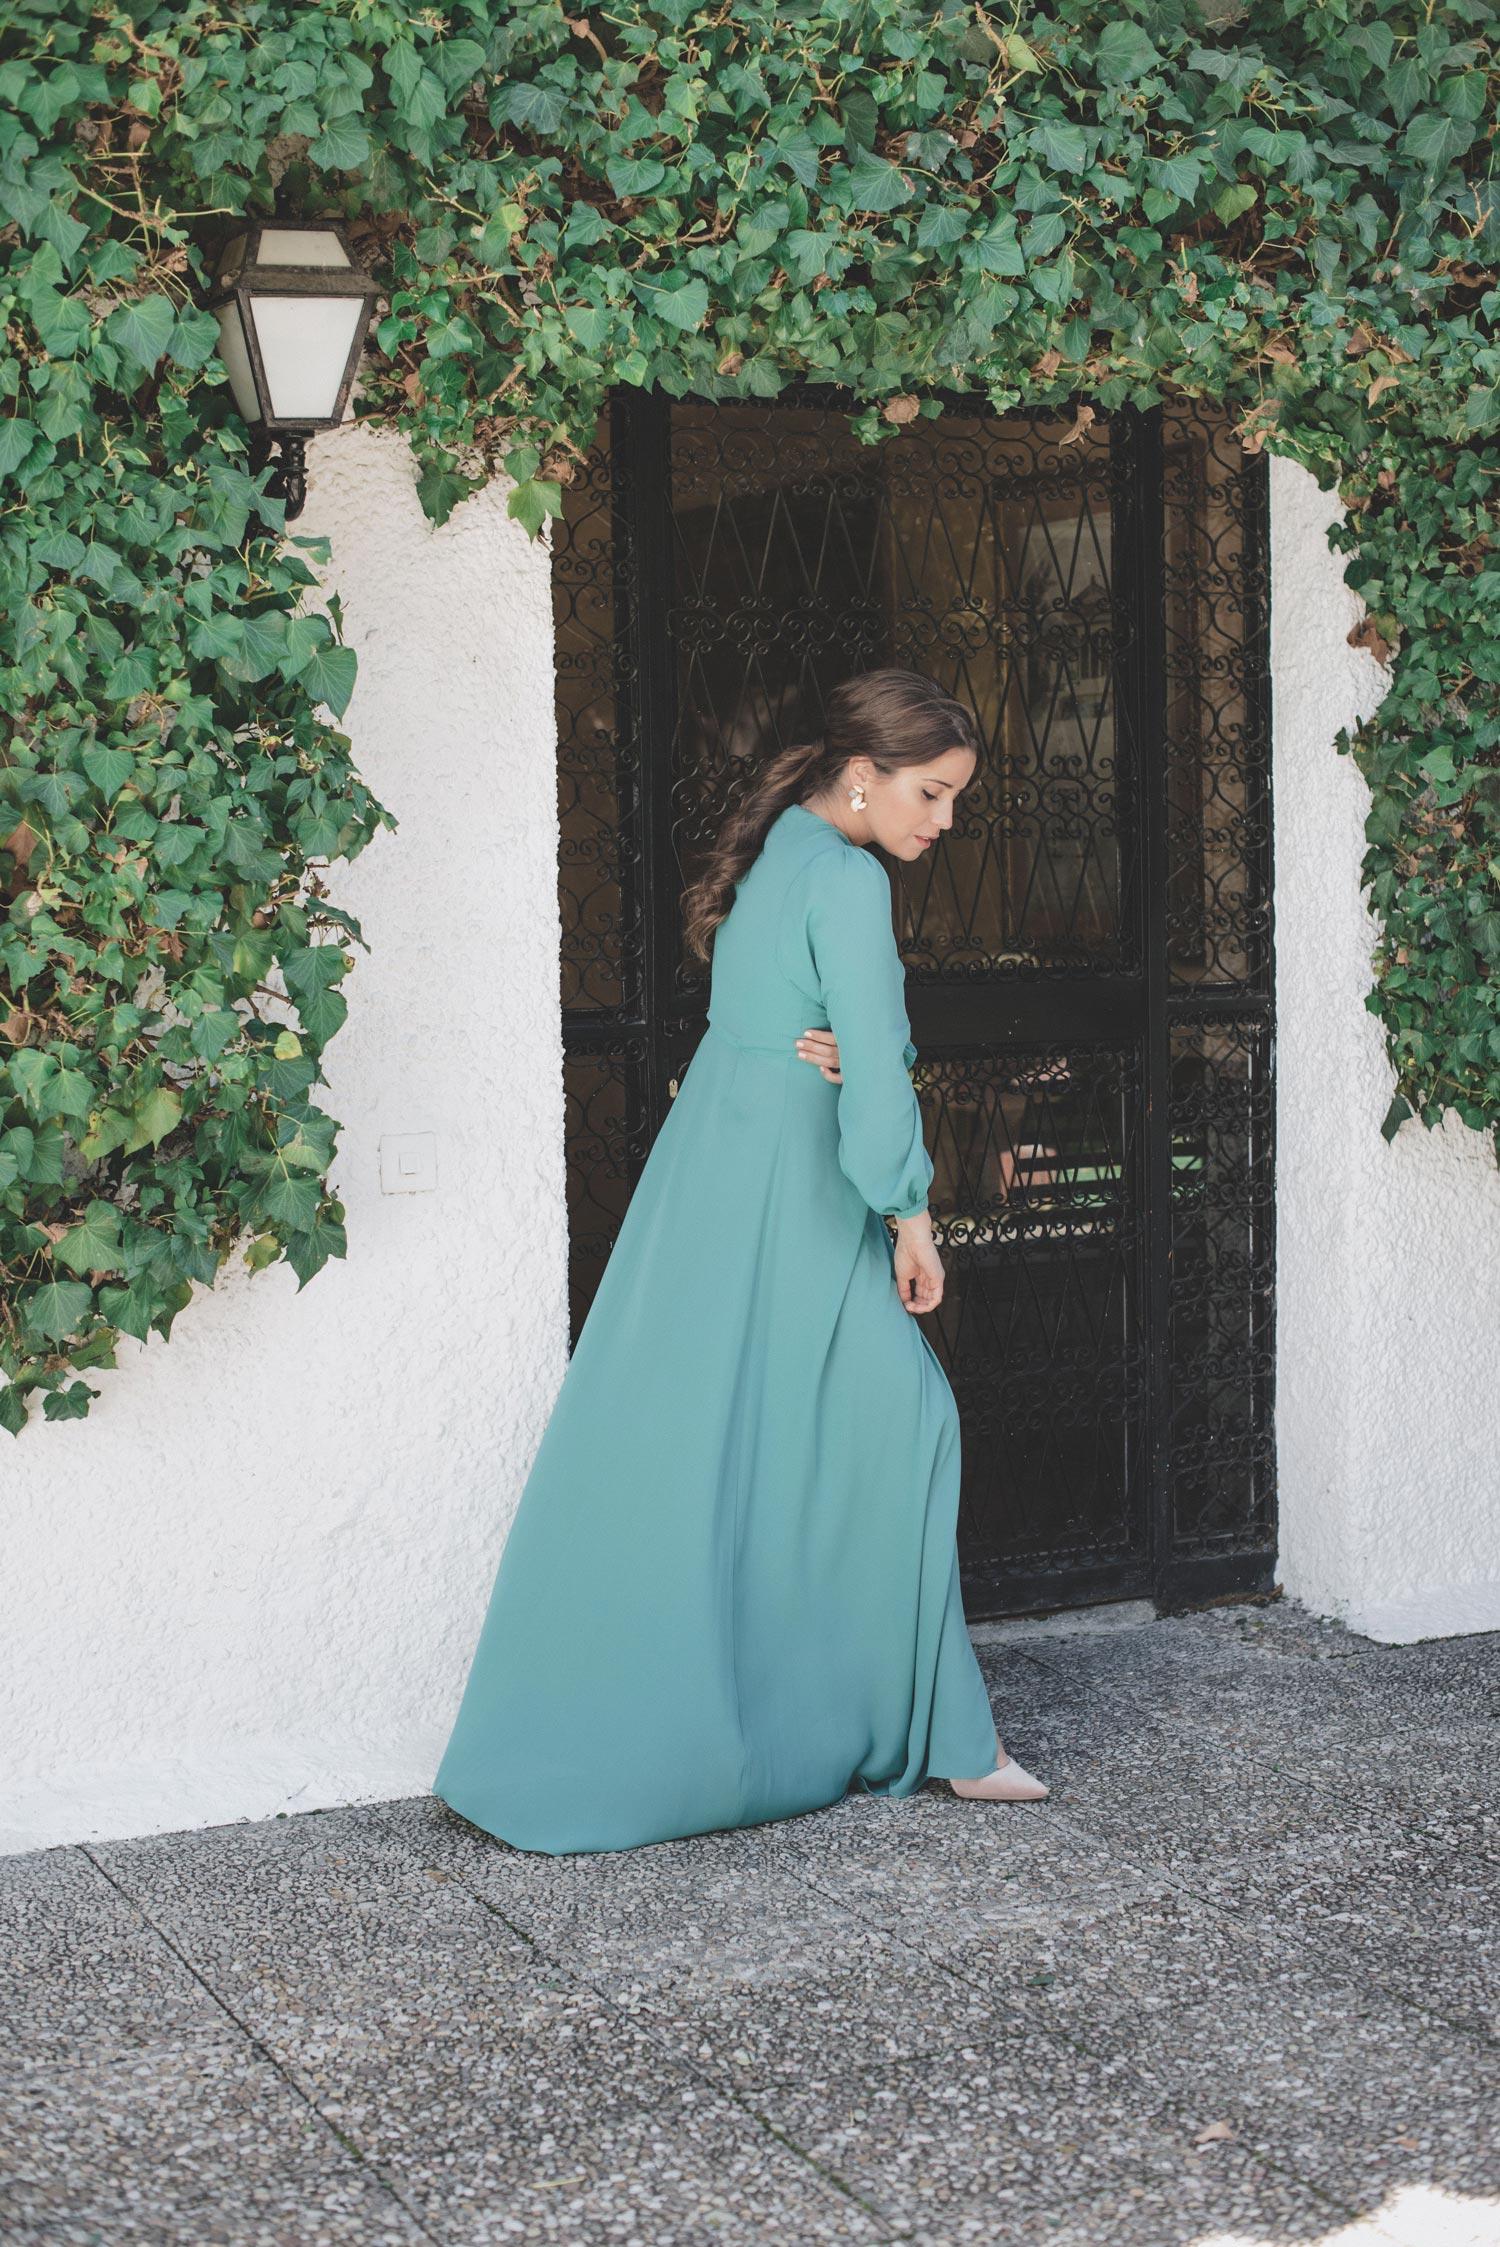 loreto-made-in-style-pendientes-acus-complementos-vestido-largo-invitada-sophie-lu-16